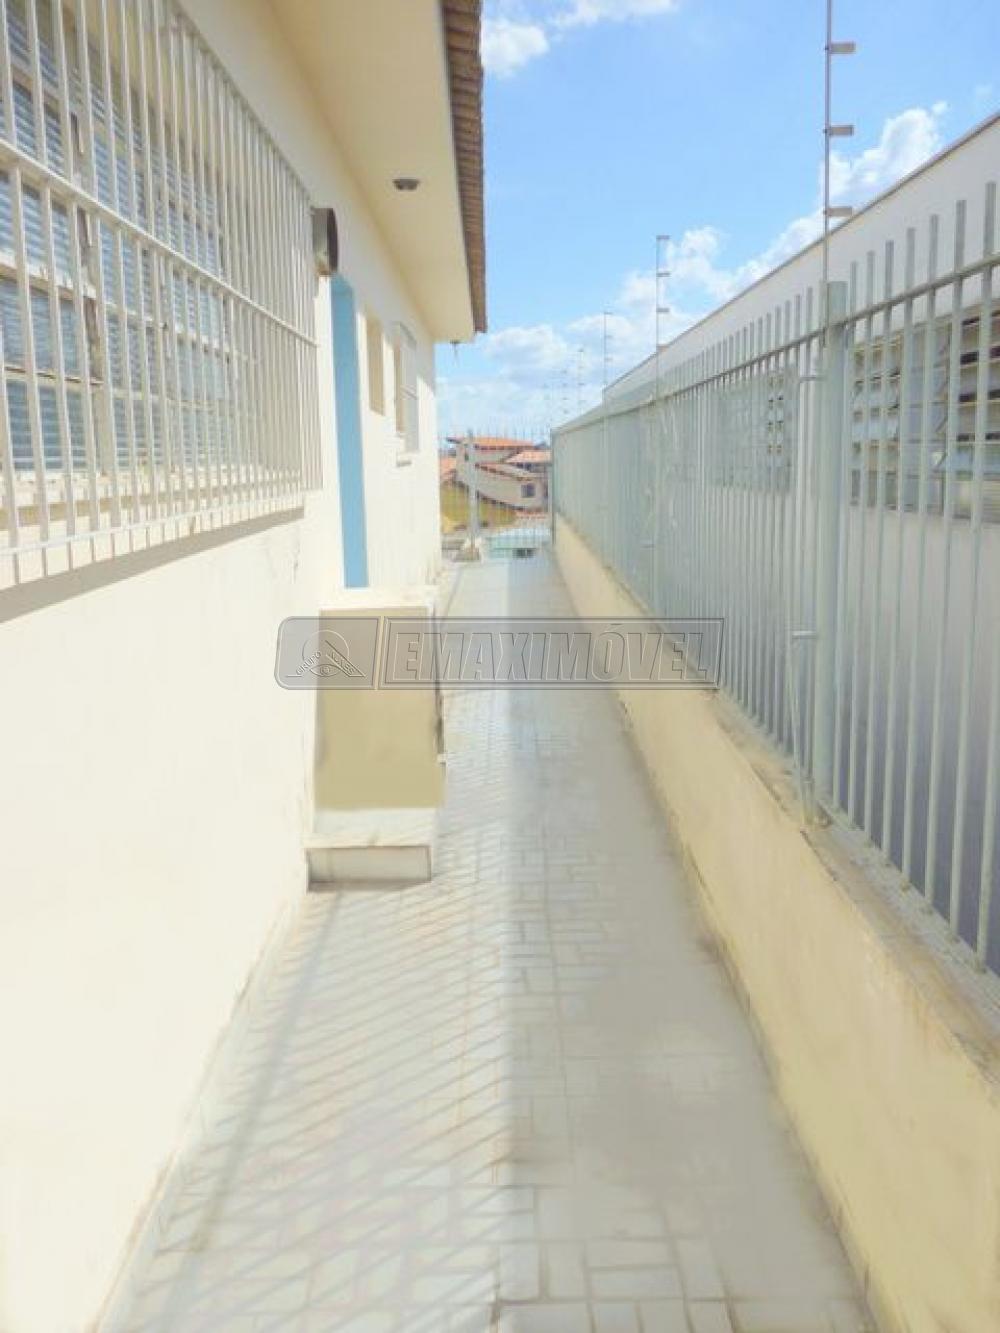 Comprar Salão Comercial / Negócios em Sorocaba R$ 1.950.000,00 - Foto 30